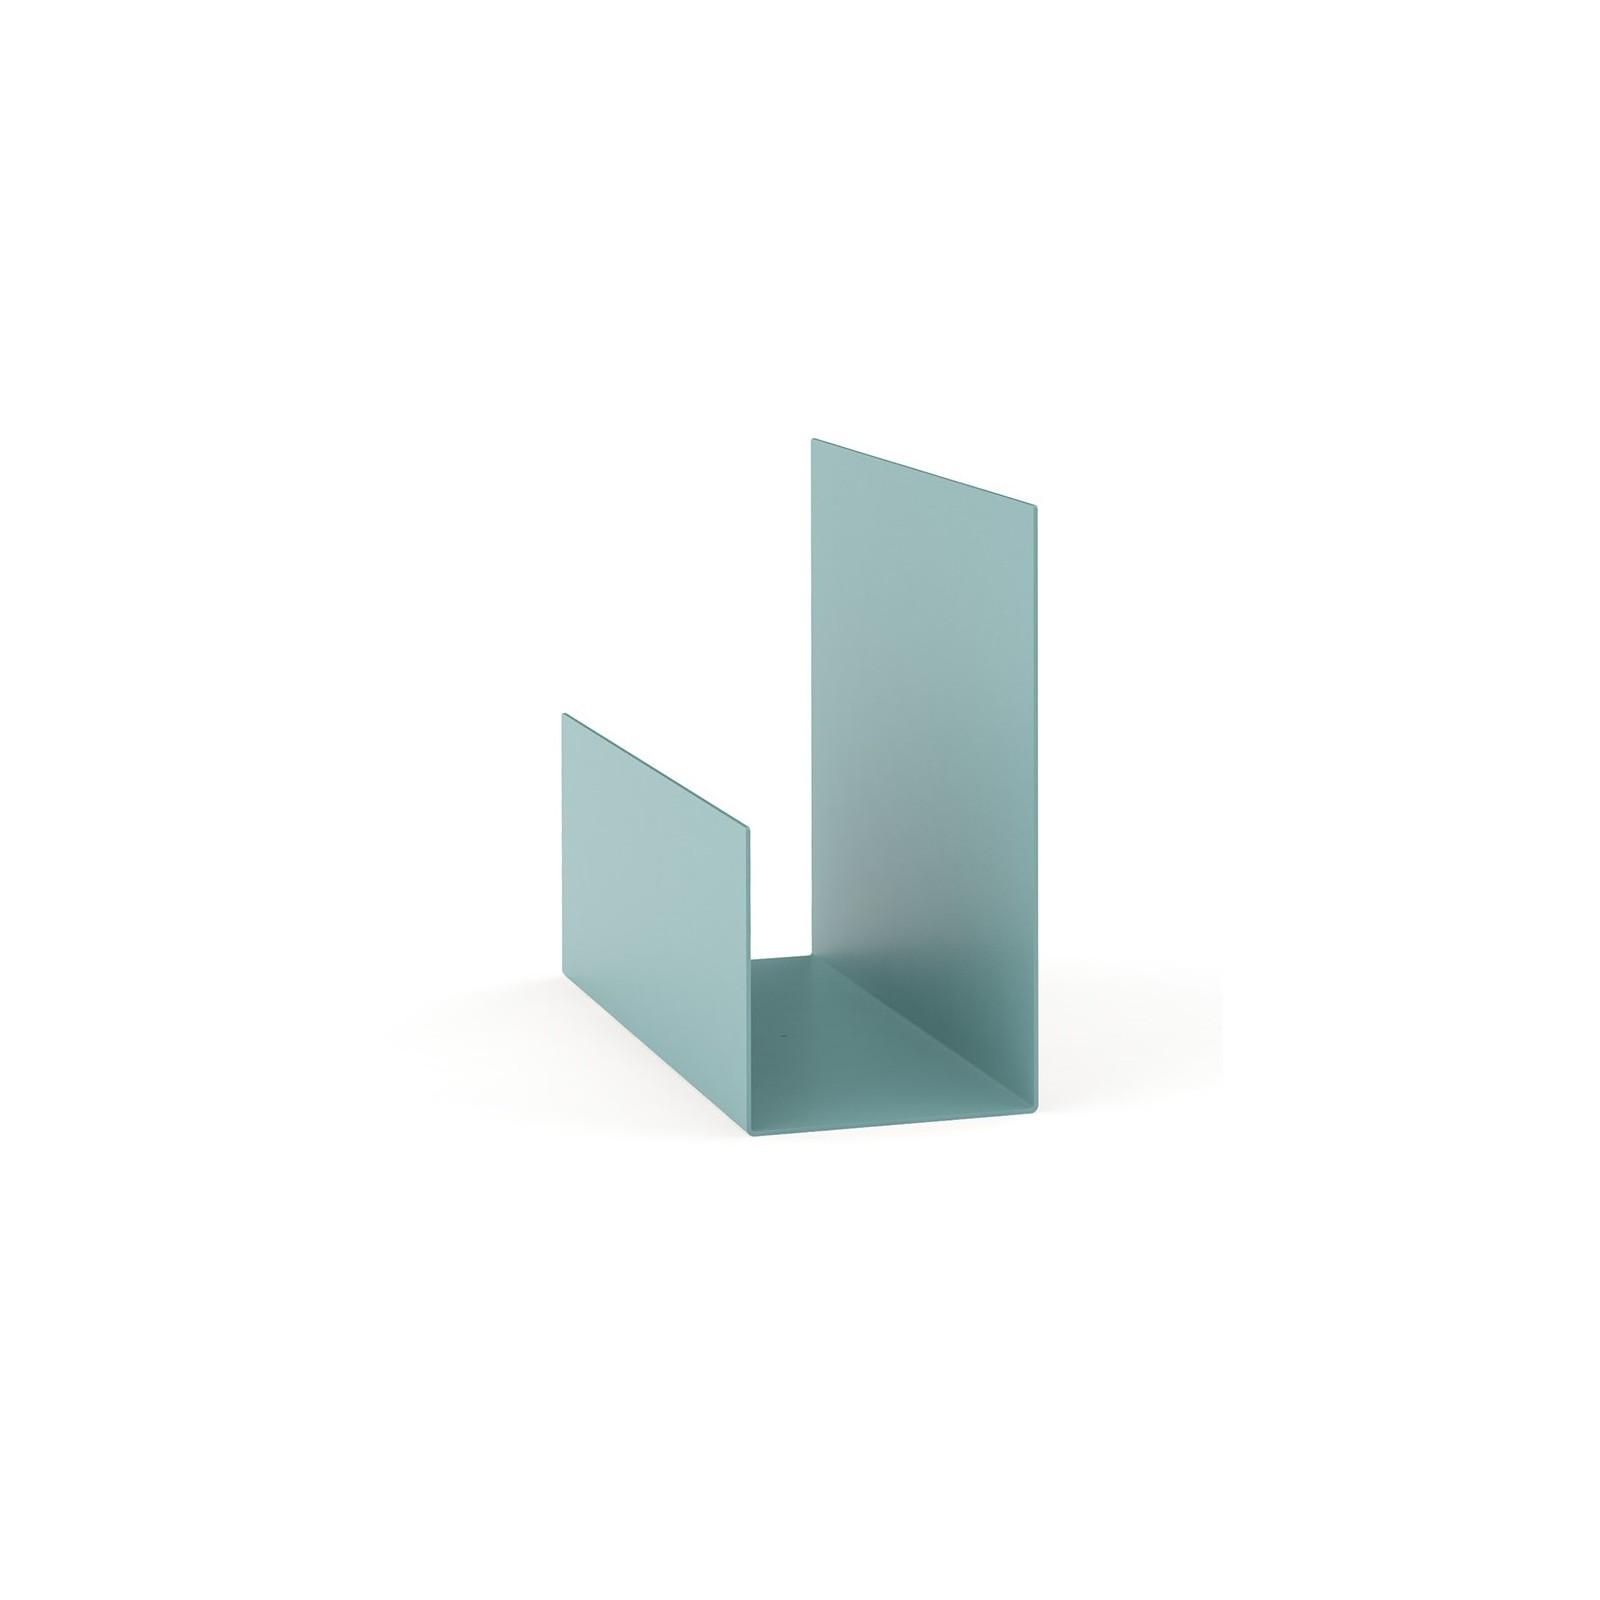 Porte revue angle droit arne concept - Porte coulissante angle droit ...